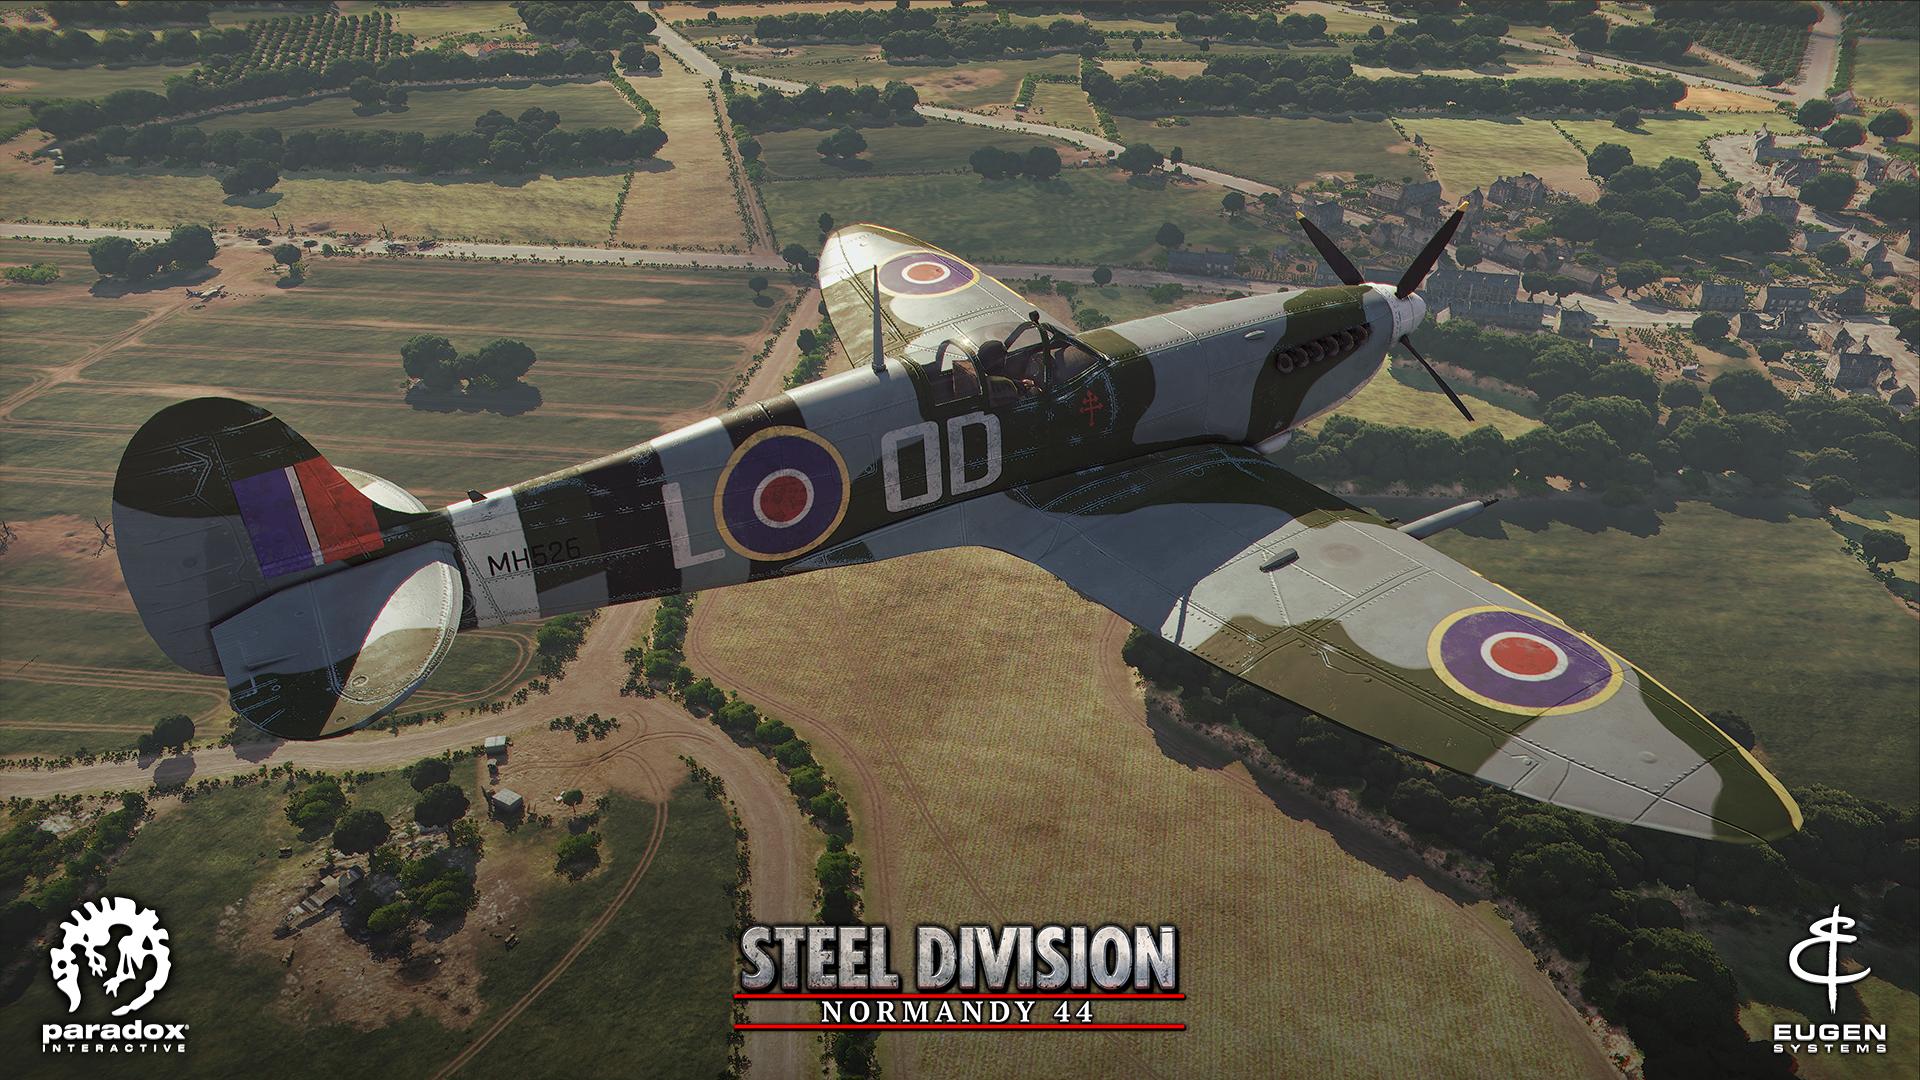 Clostermann's Spitfire